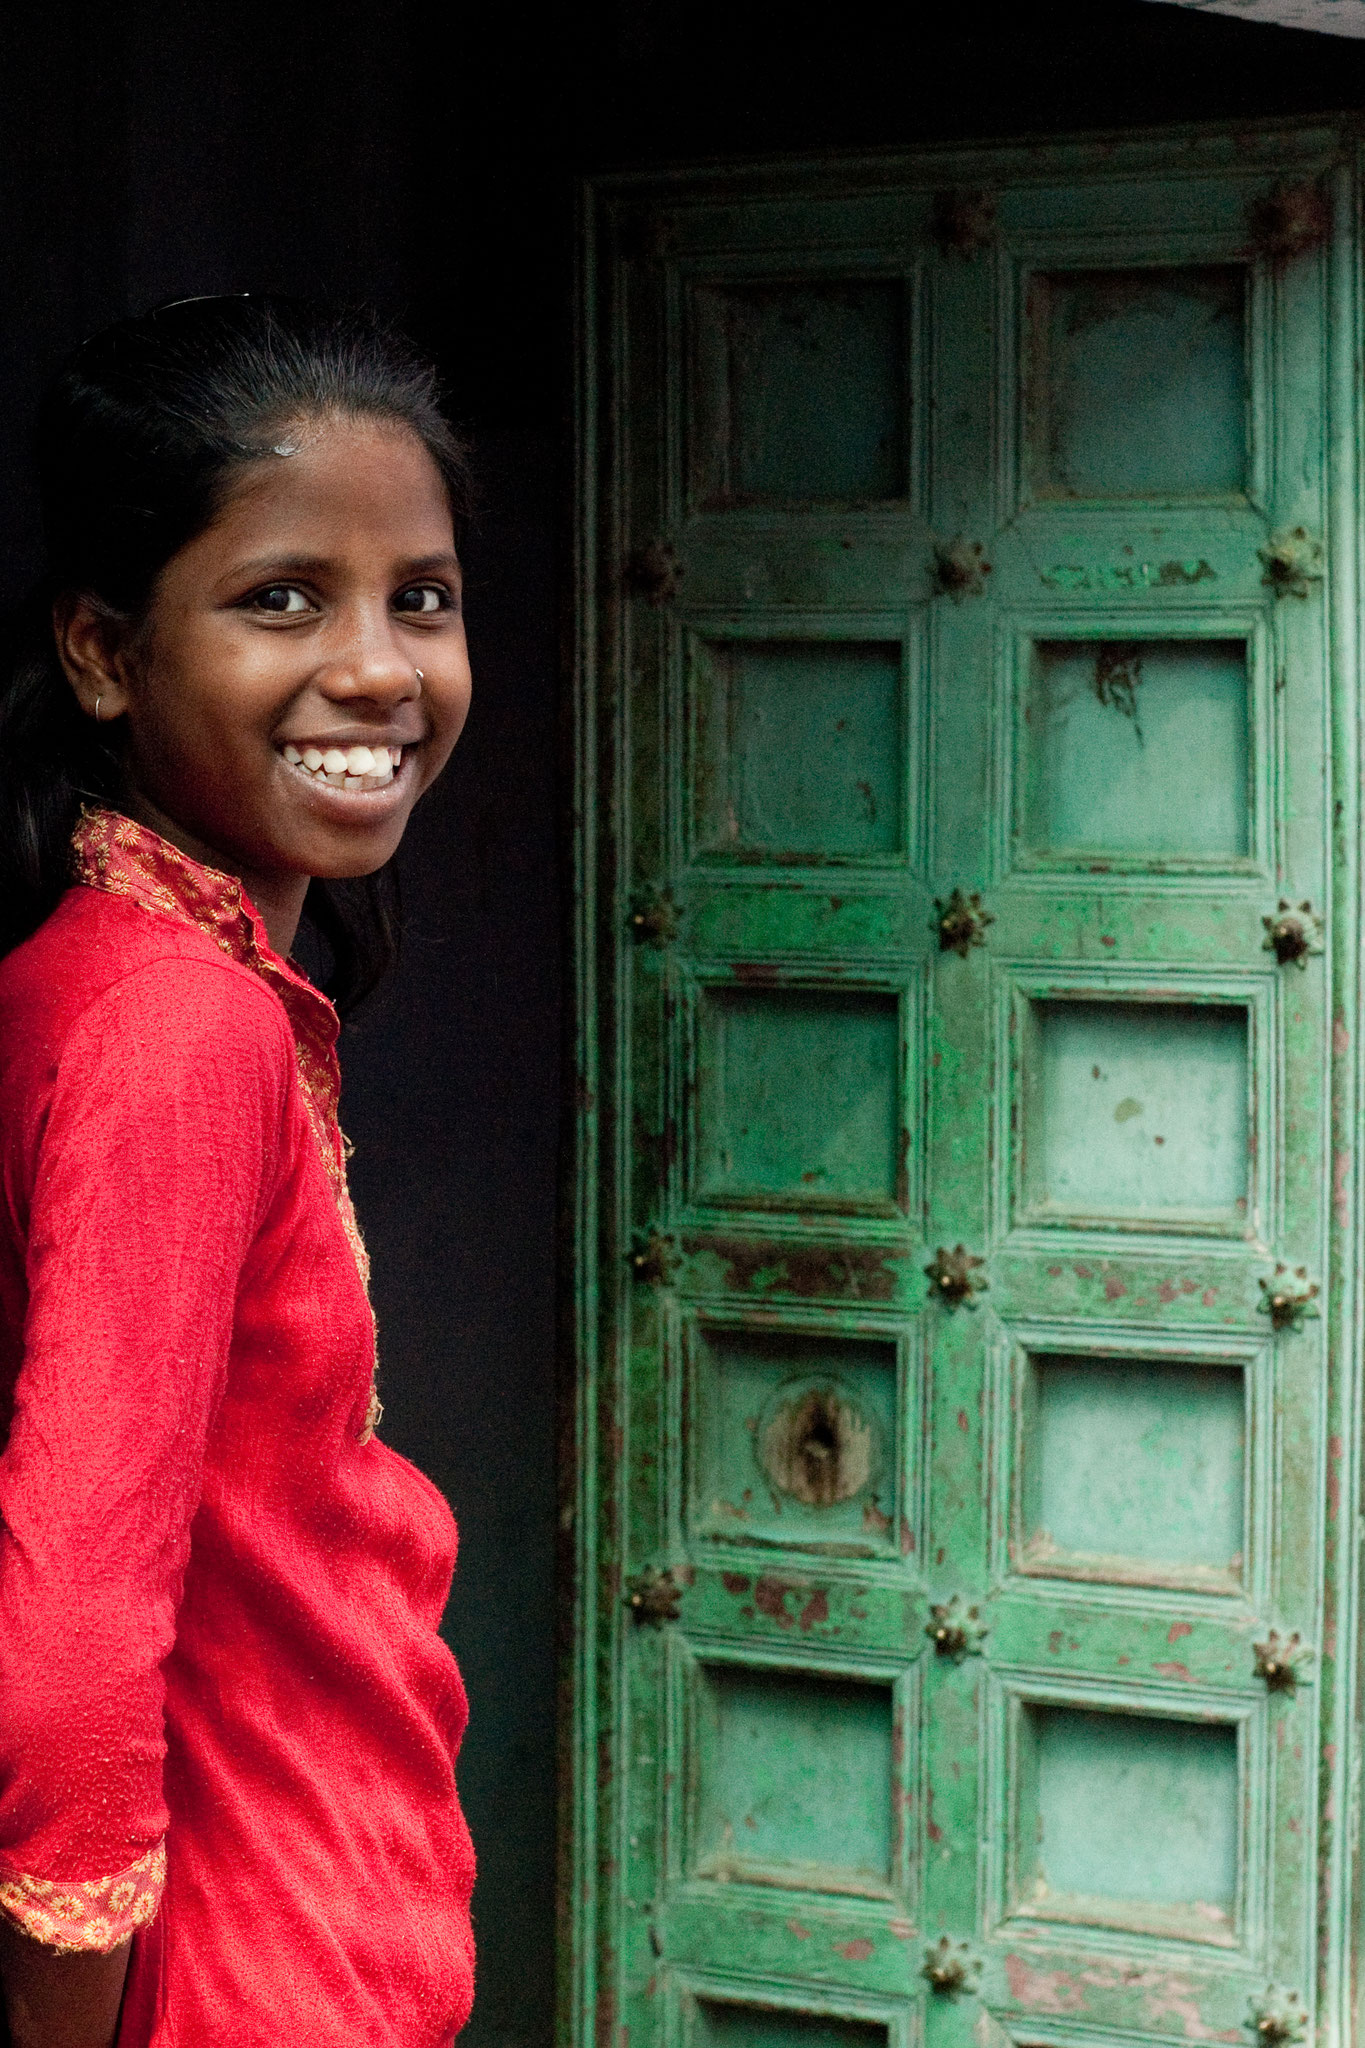 Tirage avec marge blanche (Papier 23x33 cm - Photographie 19,5x29,5cm) - Inde